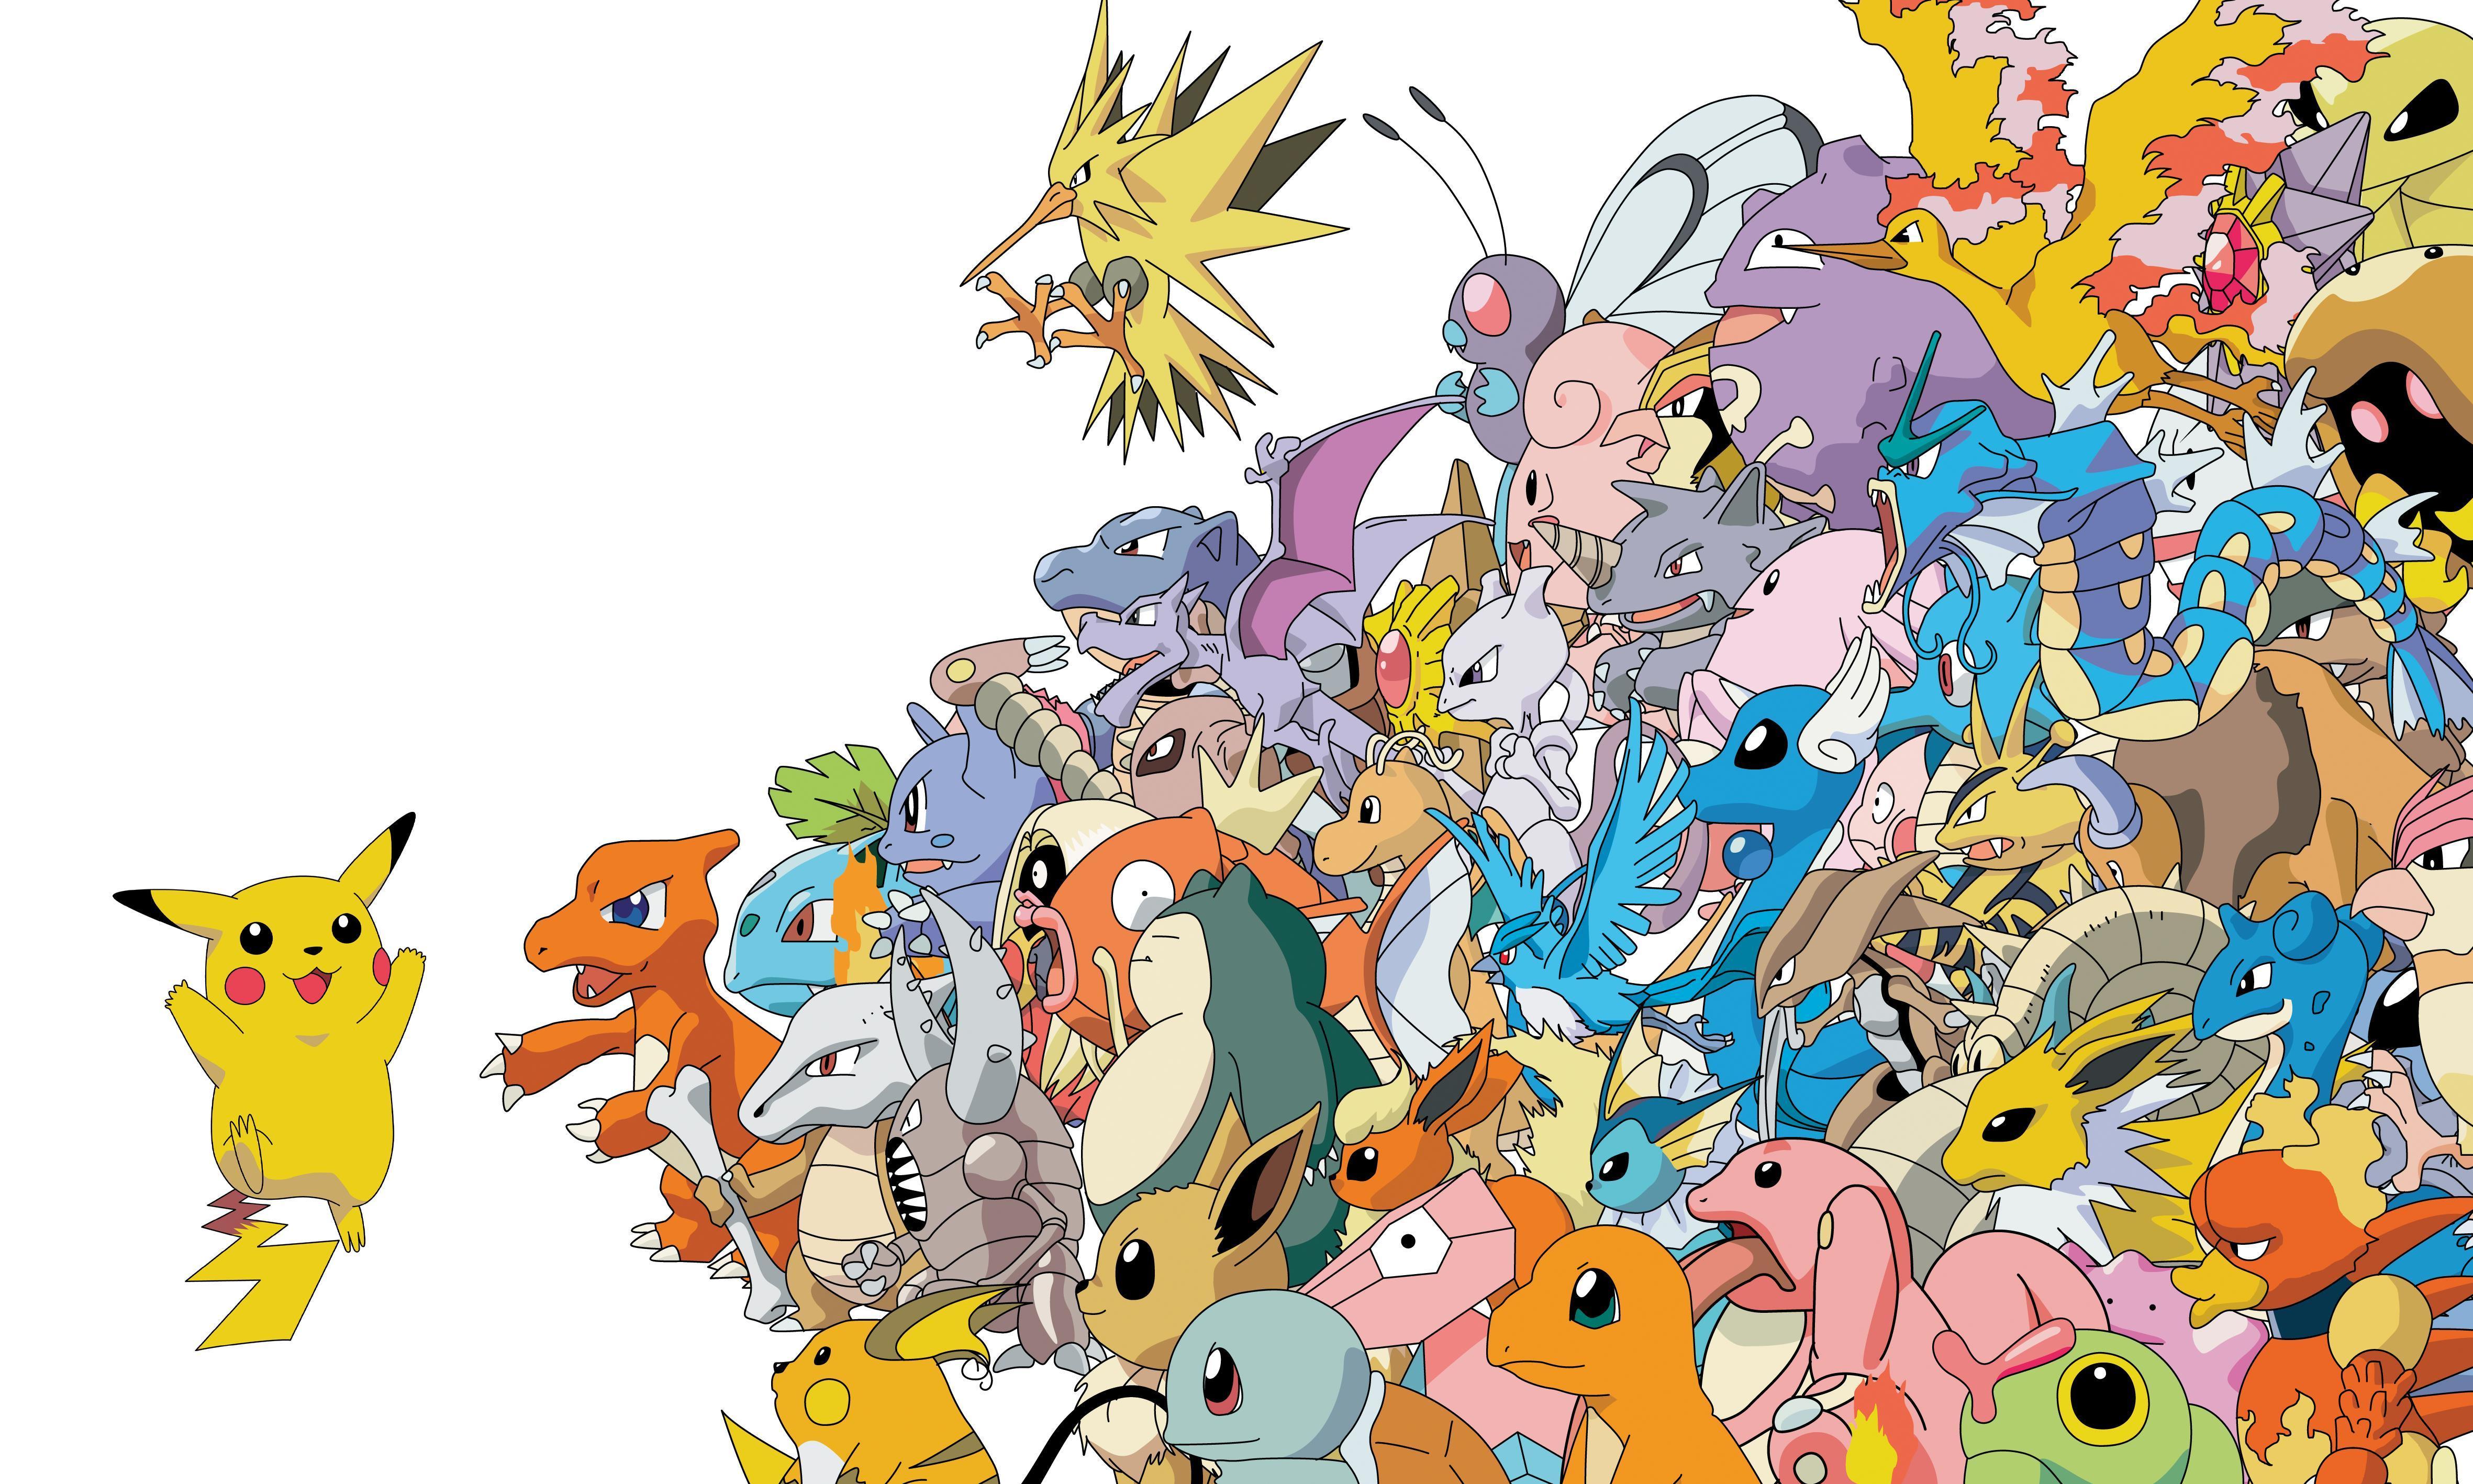 Les créatures de jeux vidéo et films